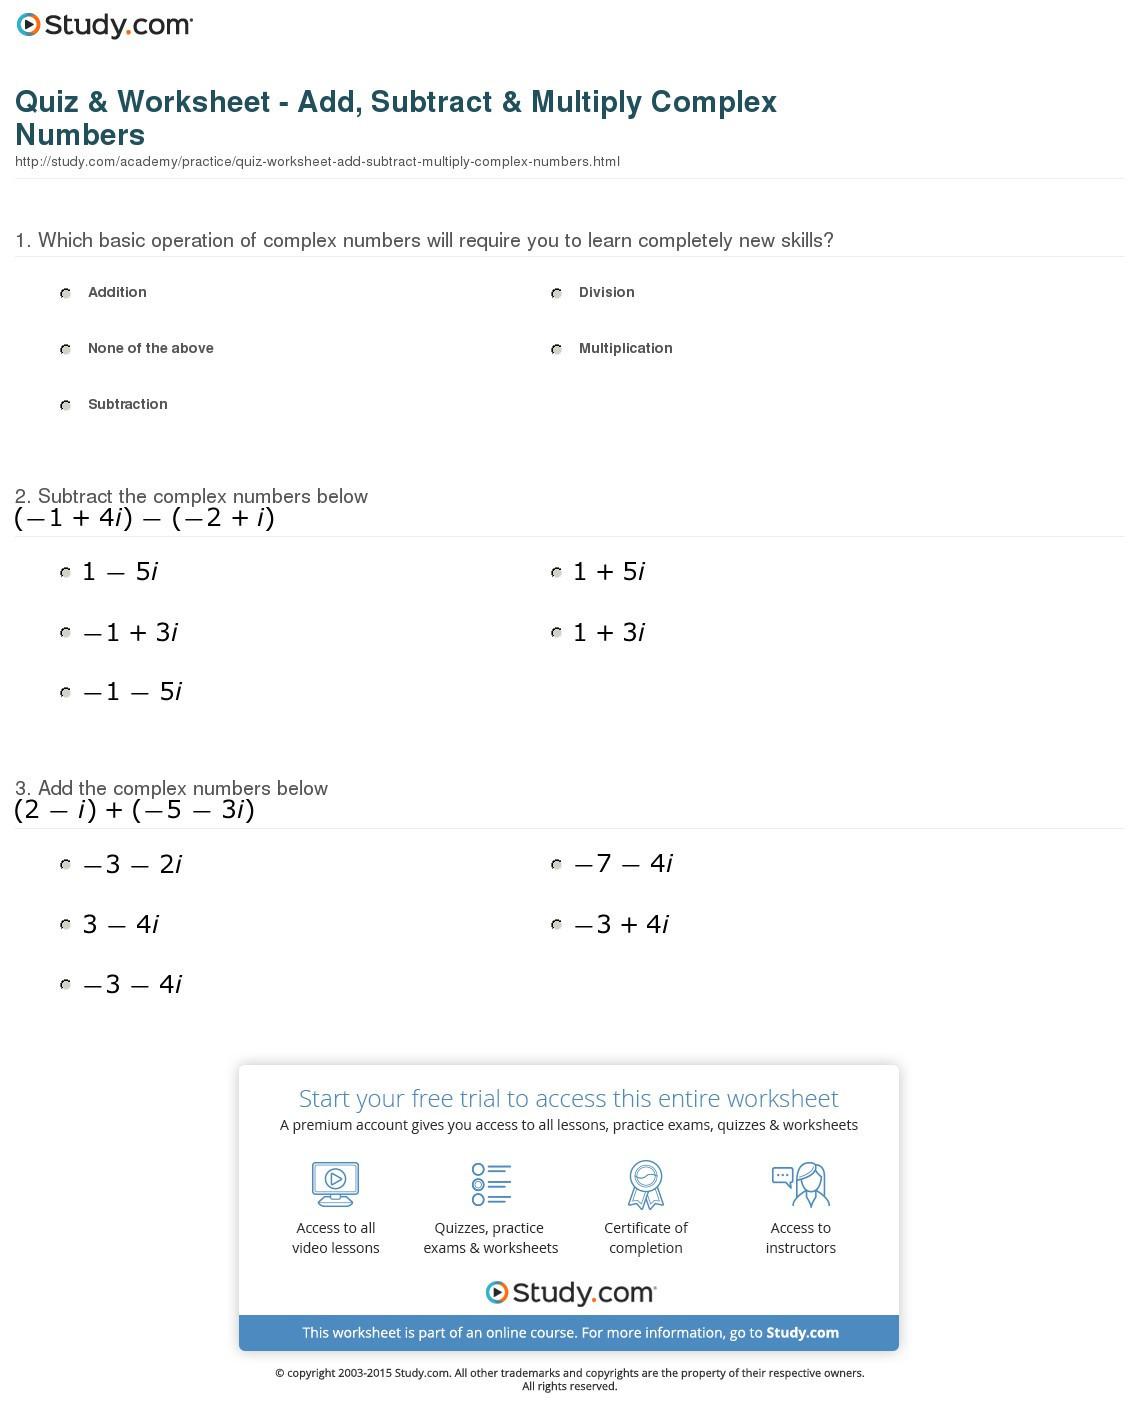 plex Numbers Worksheet